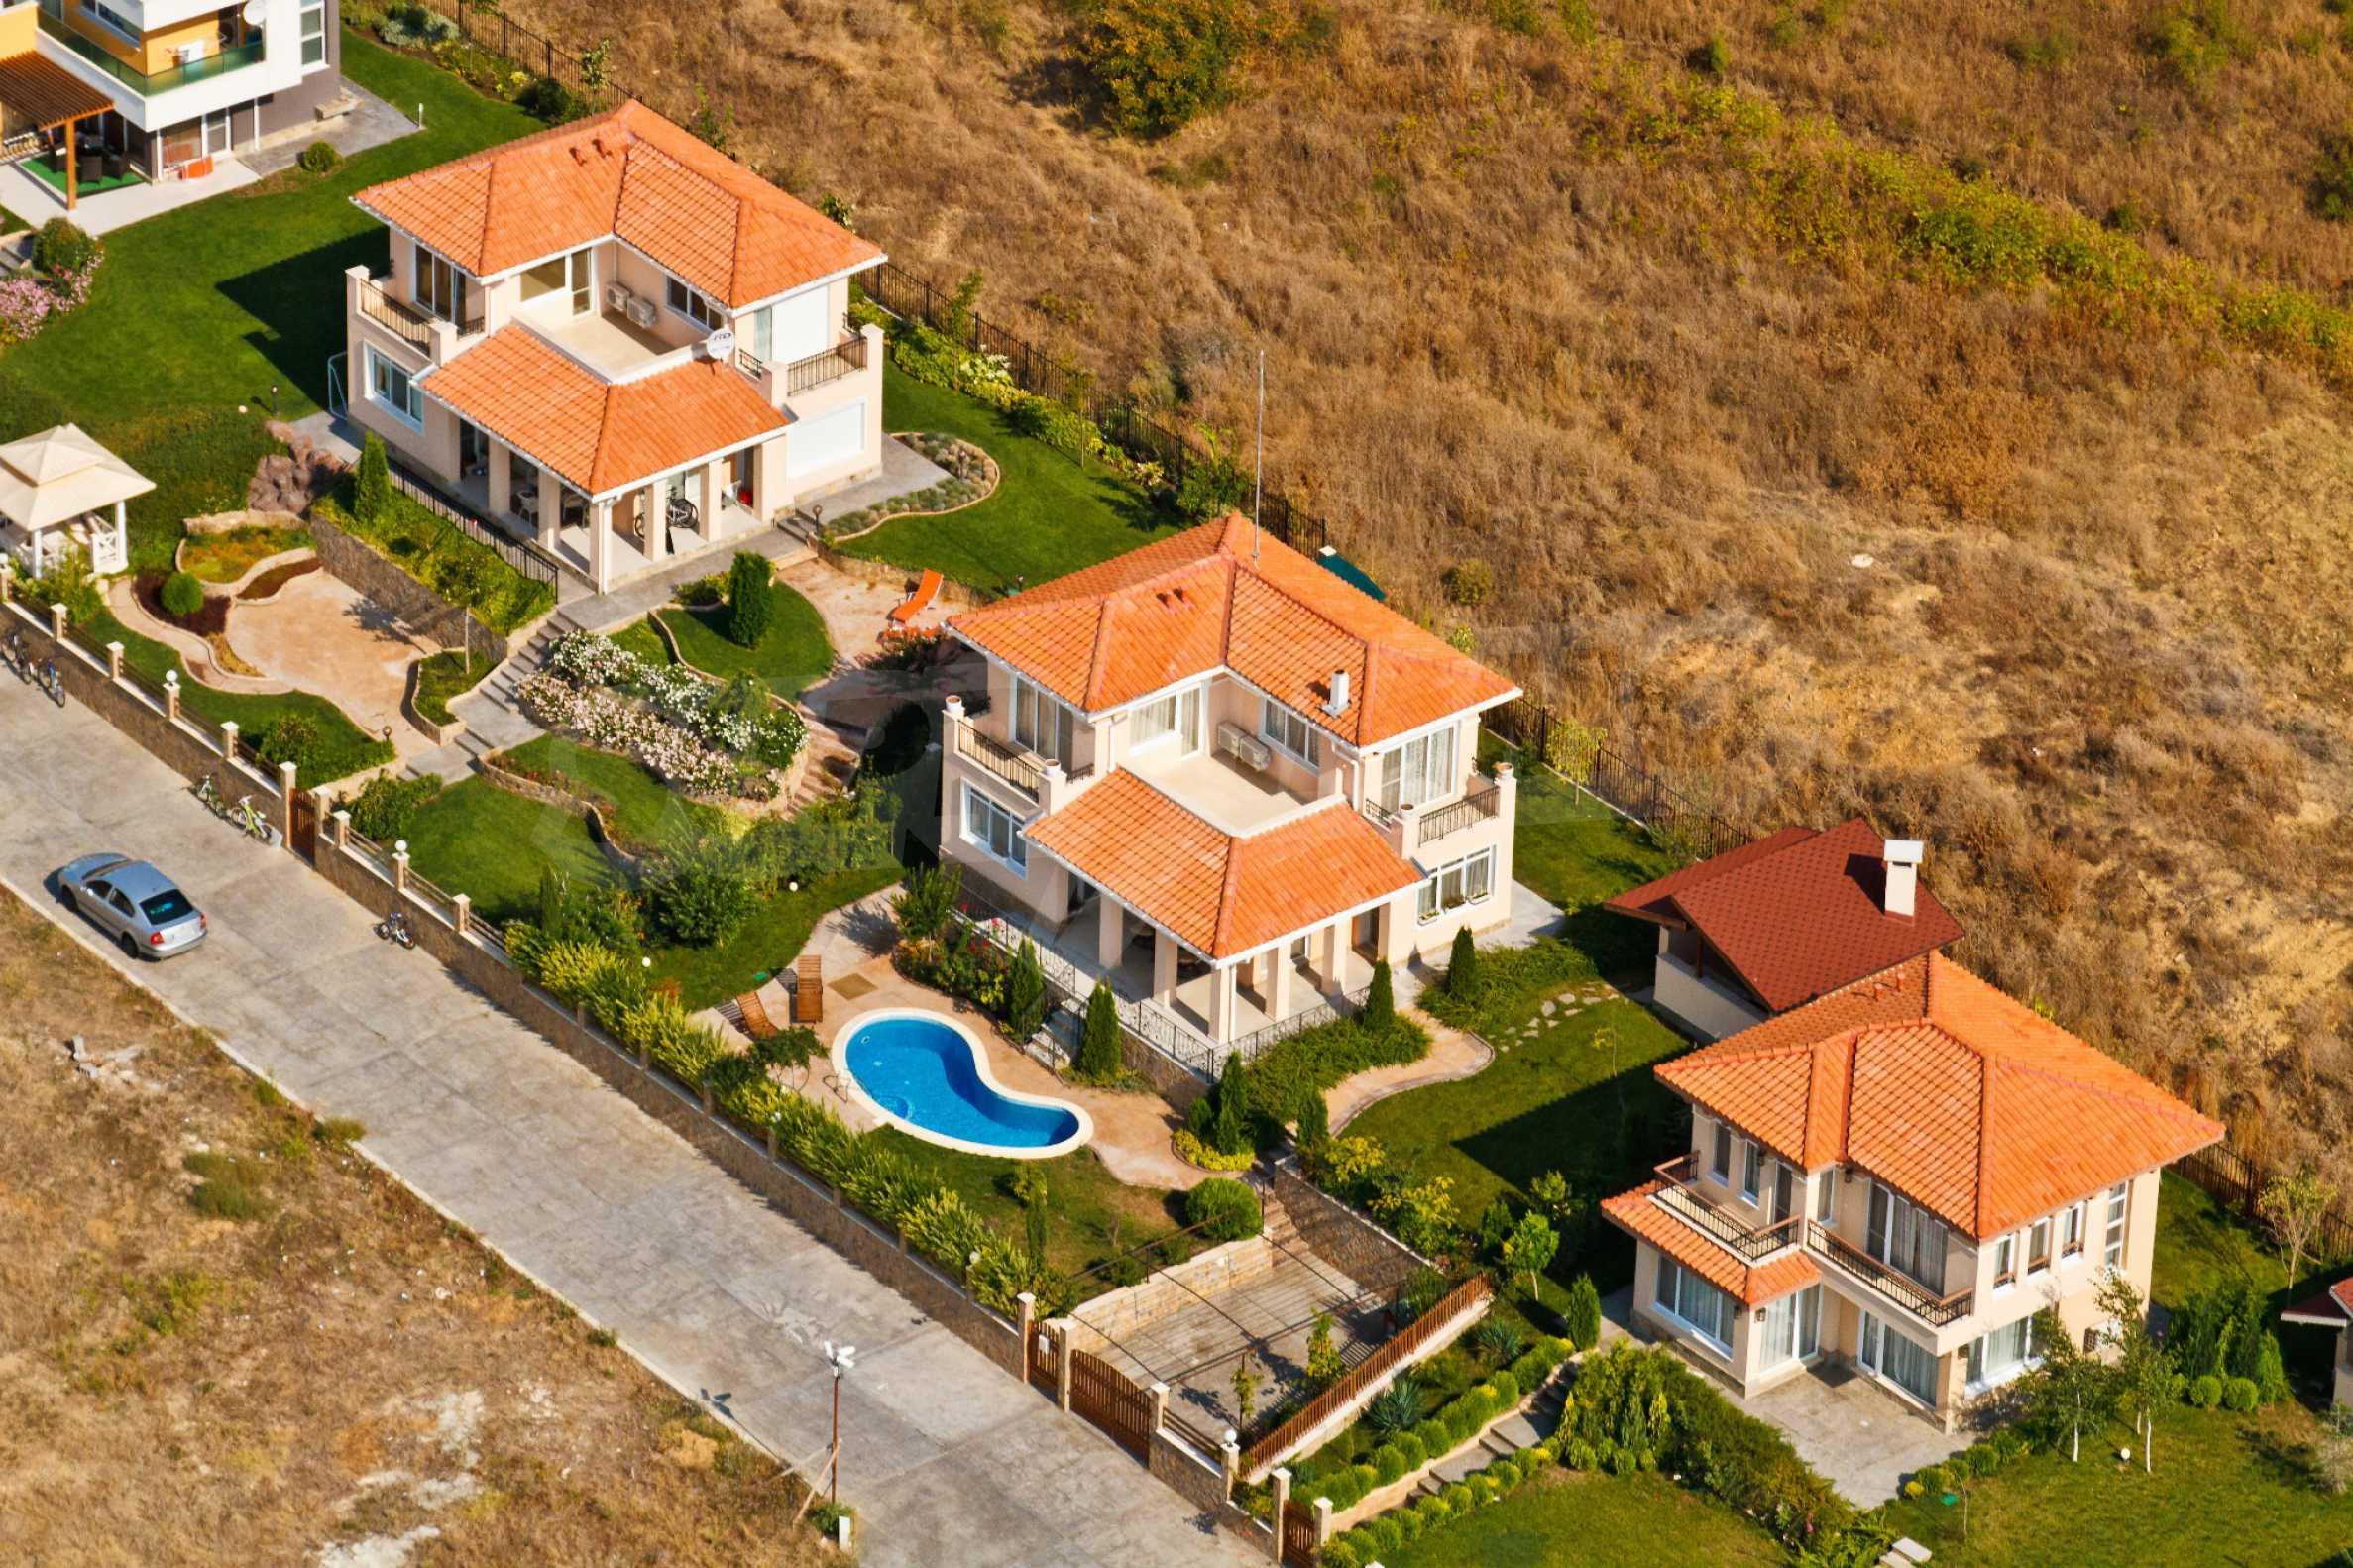 Erschlossene Grundstücke in der luxuriösen Villa-Siedlung SUNSET VILLAS 11